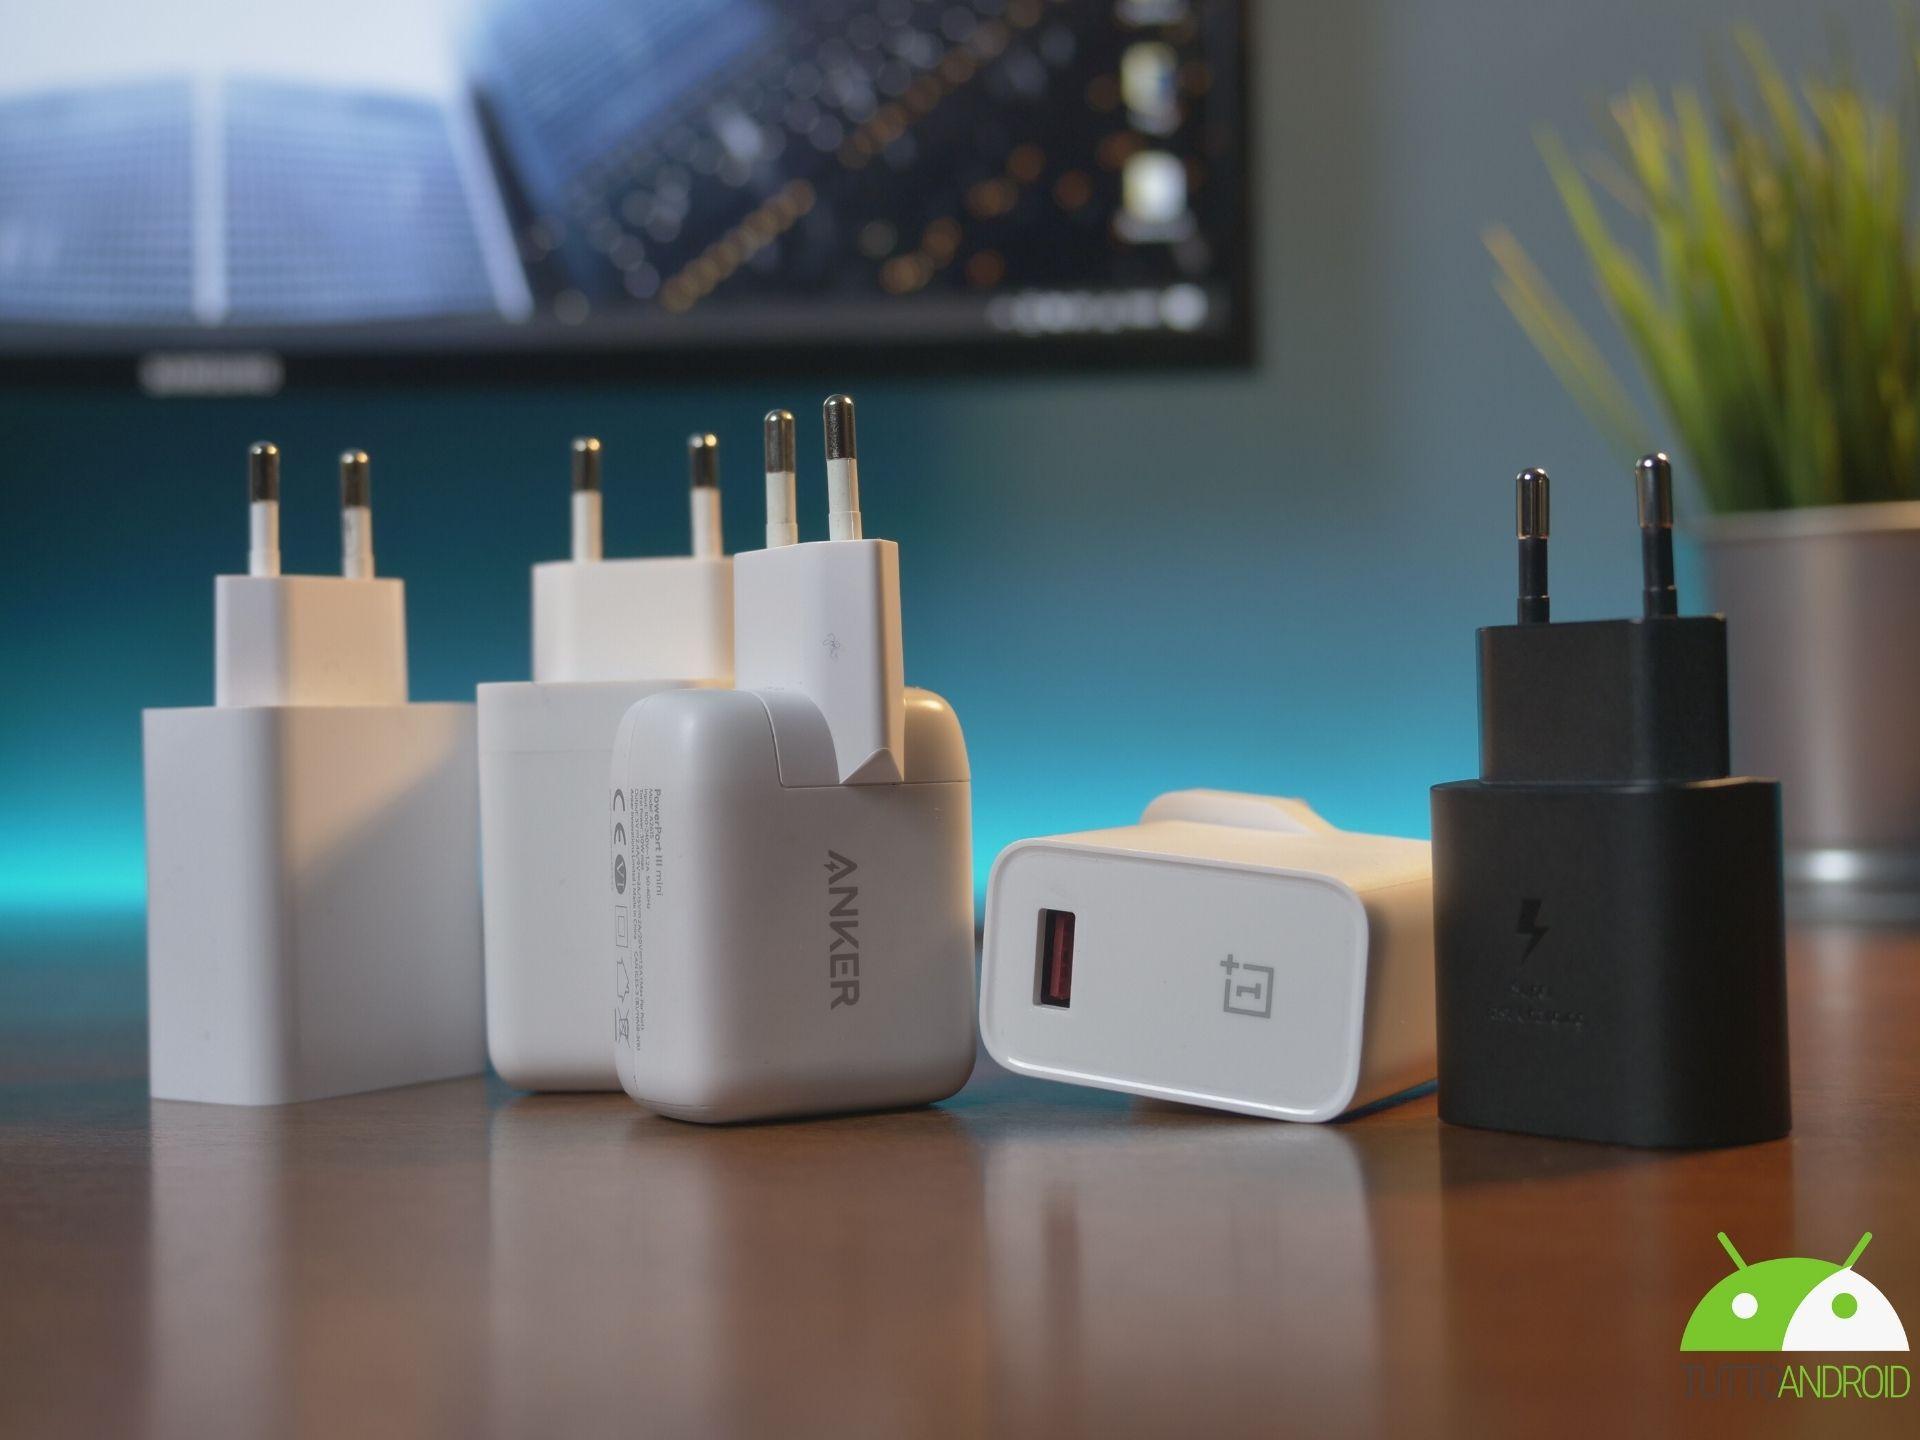 Come scegliere il miglior caricabatterie per il proprio smartphone